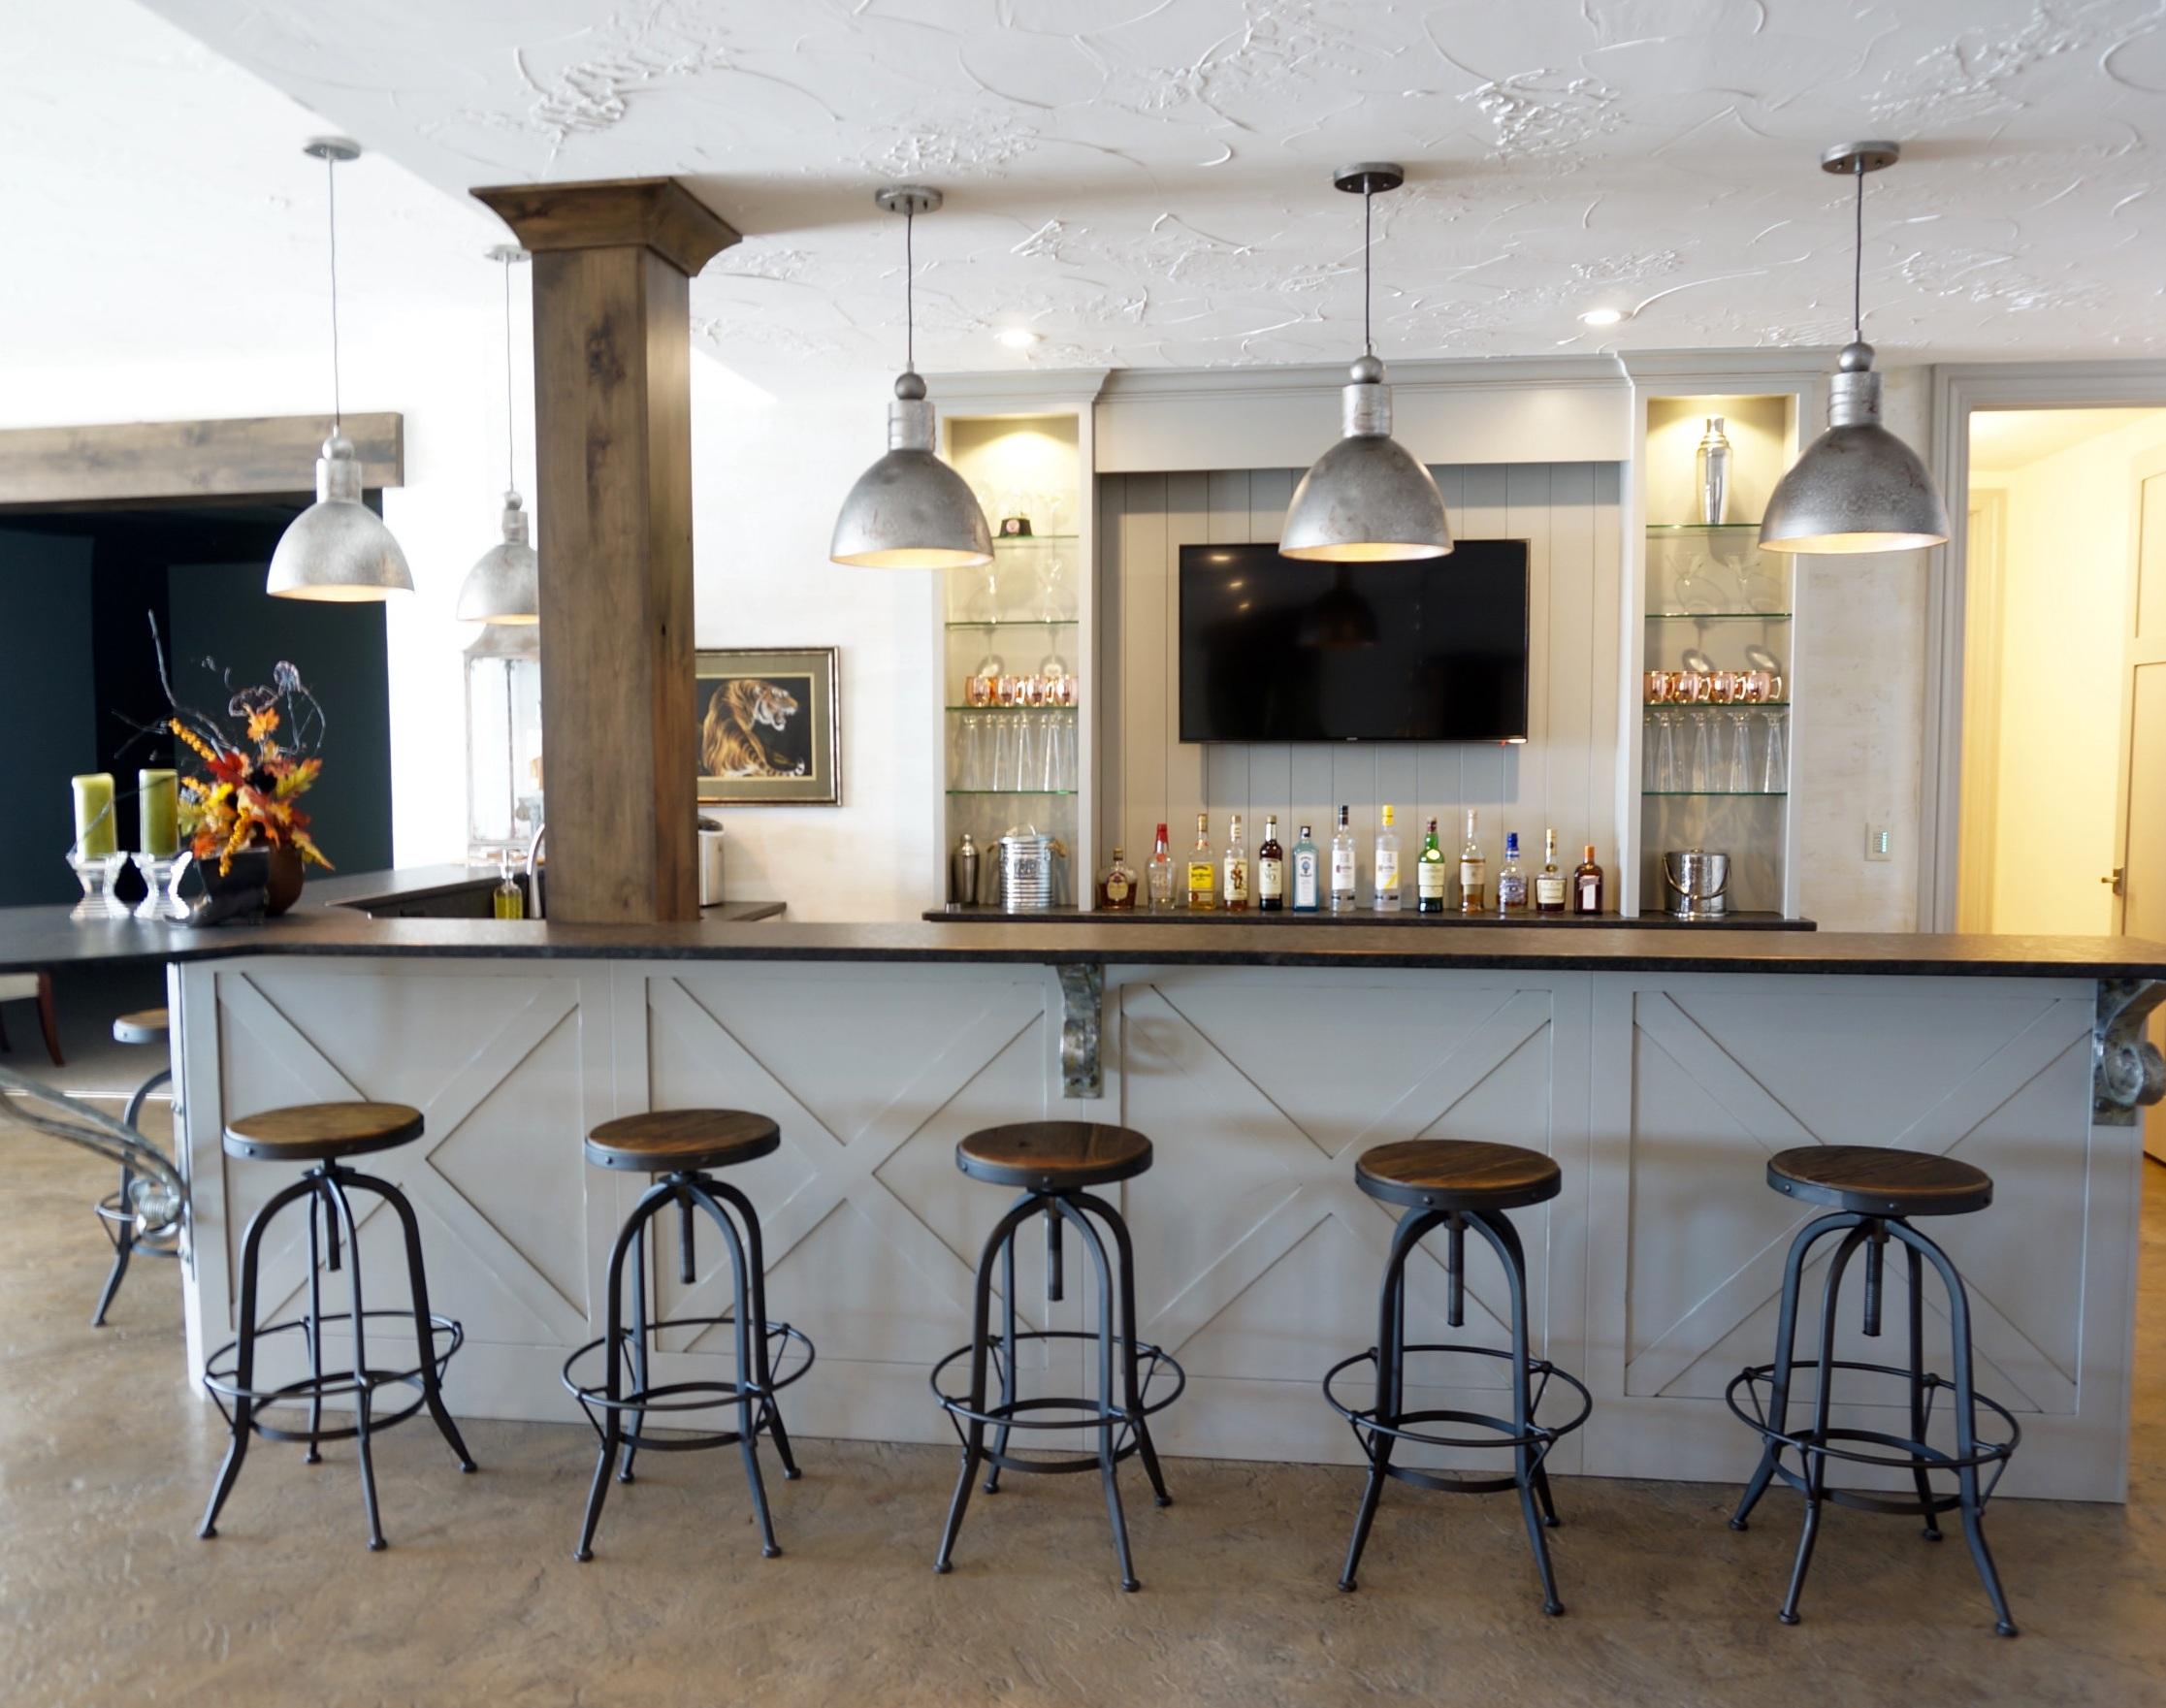 Bar Stool and Table for Bar Home Decor Ideas